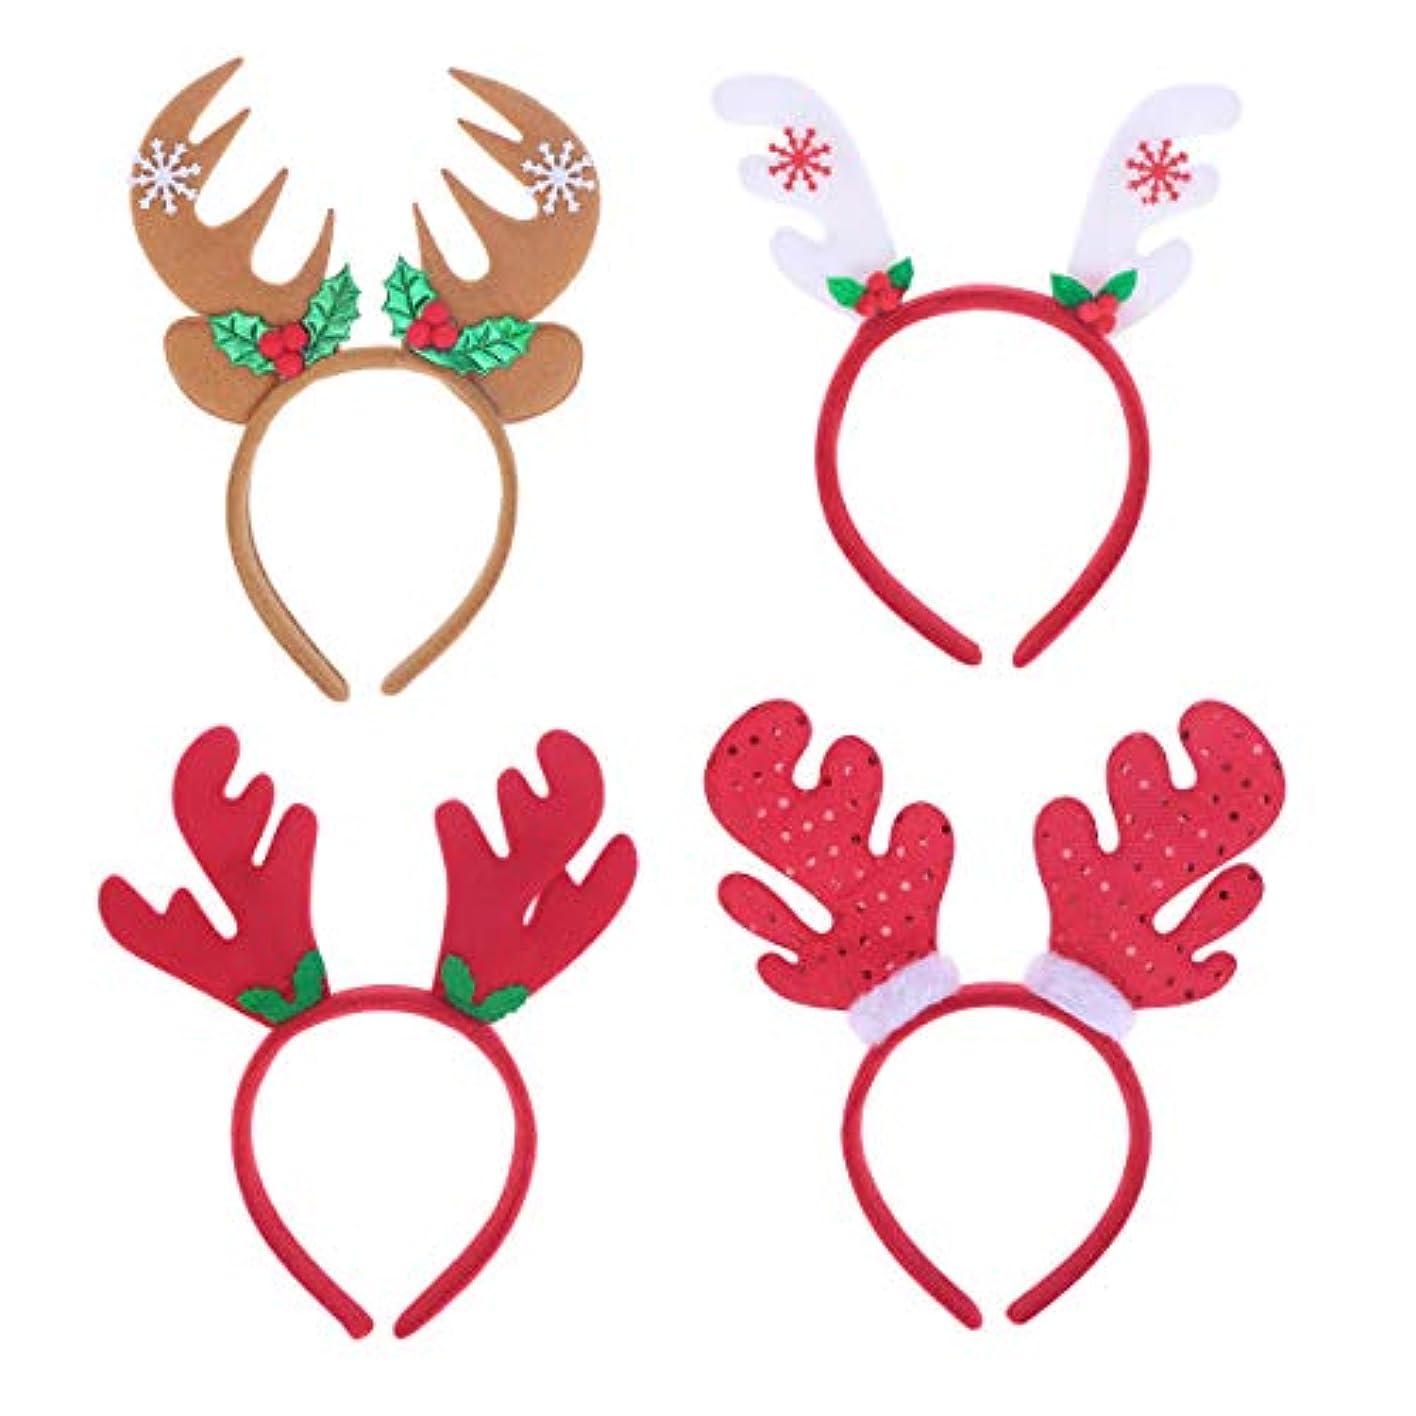 湿気の多いお金ゴム時間とともにLurrose 4ピースクリスマスヘッドバンドサンタ帽子トナカイアントラーヘッドバンドヘアフープヘッドドレス帽子クリスマス衣装ヘアアクセサリー用大人の子供女の子